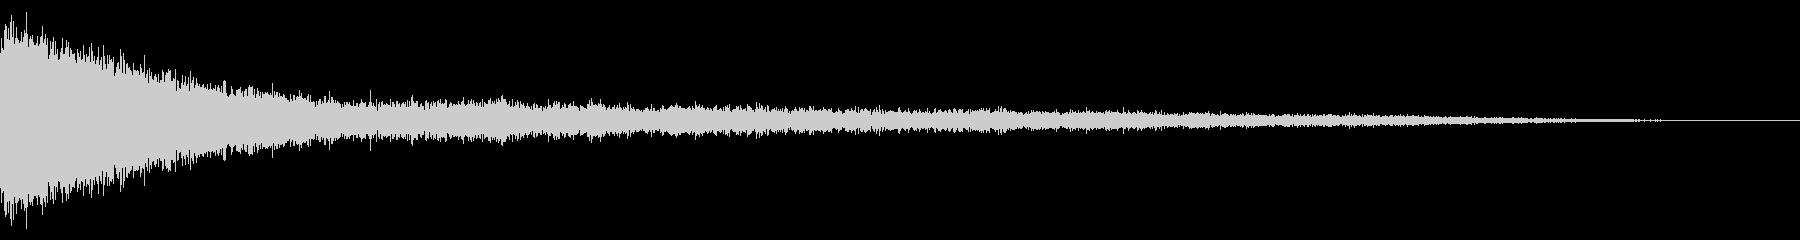 ホラー系アタック音43の未再生の波形